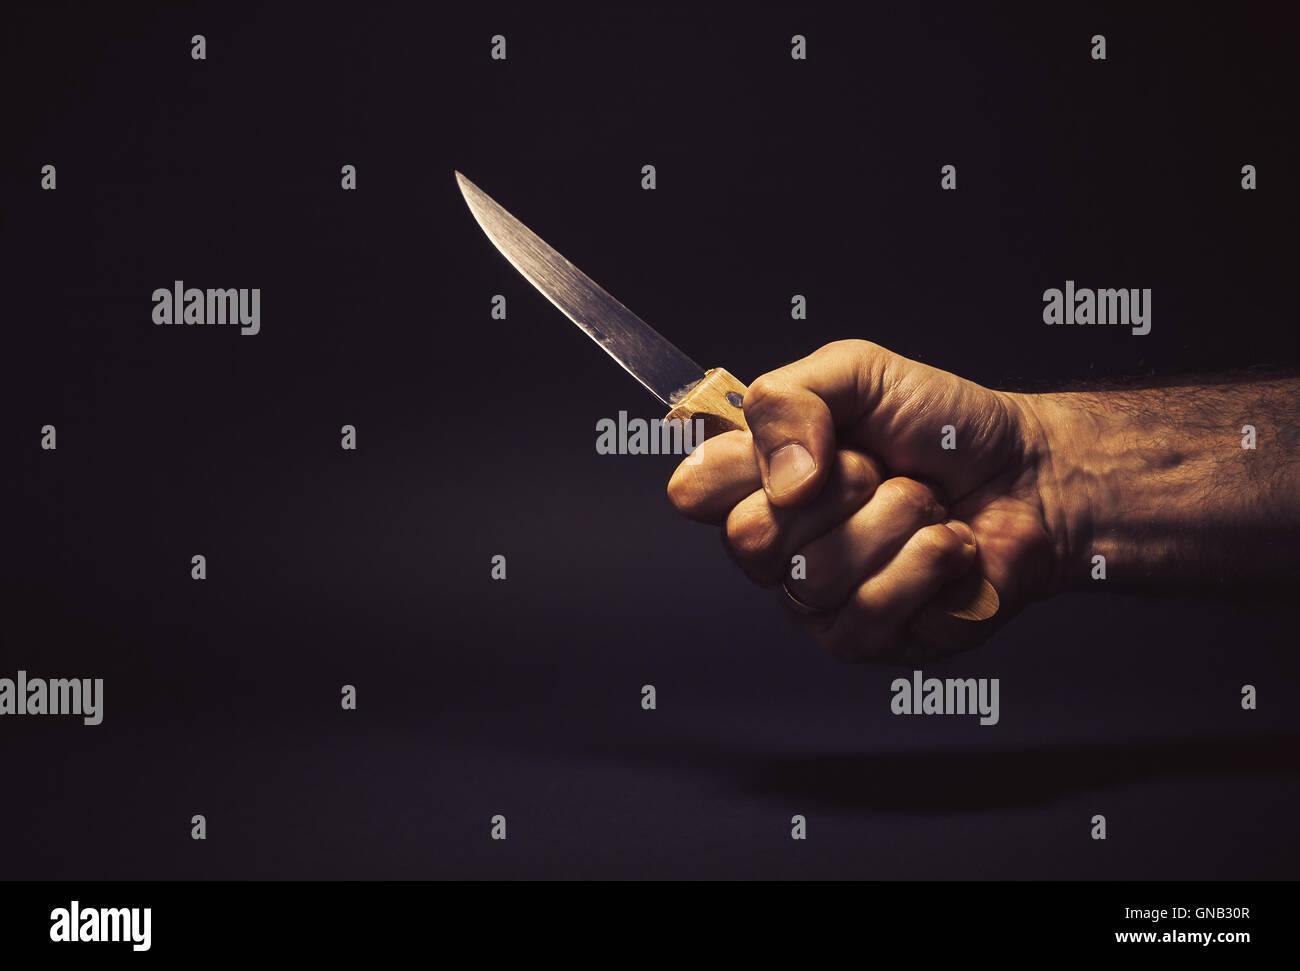 Konzeptuelle Komposition Mannes Hand Halten Ein Grosses Kuchenmesser